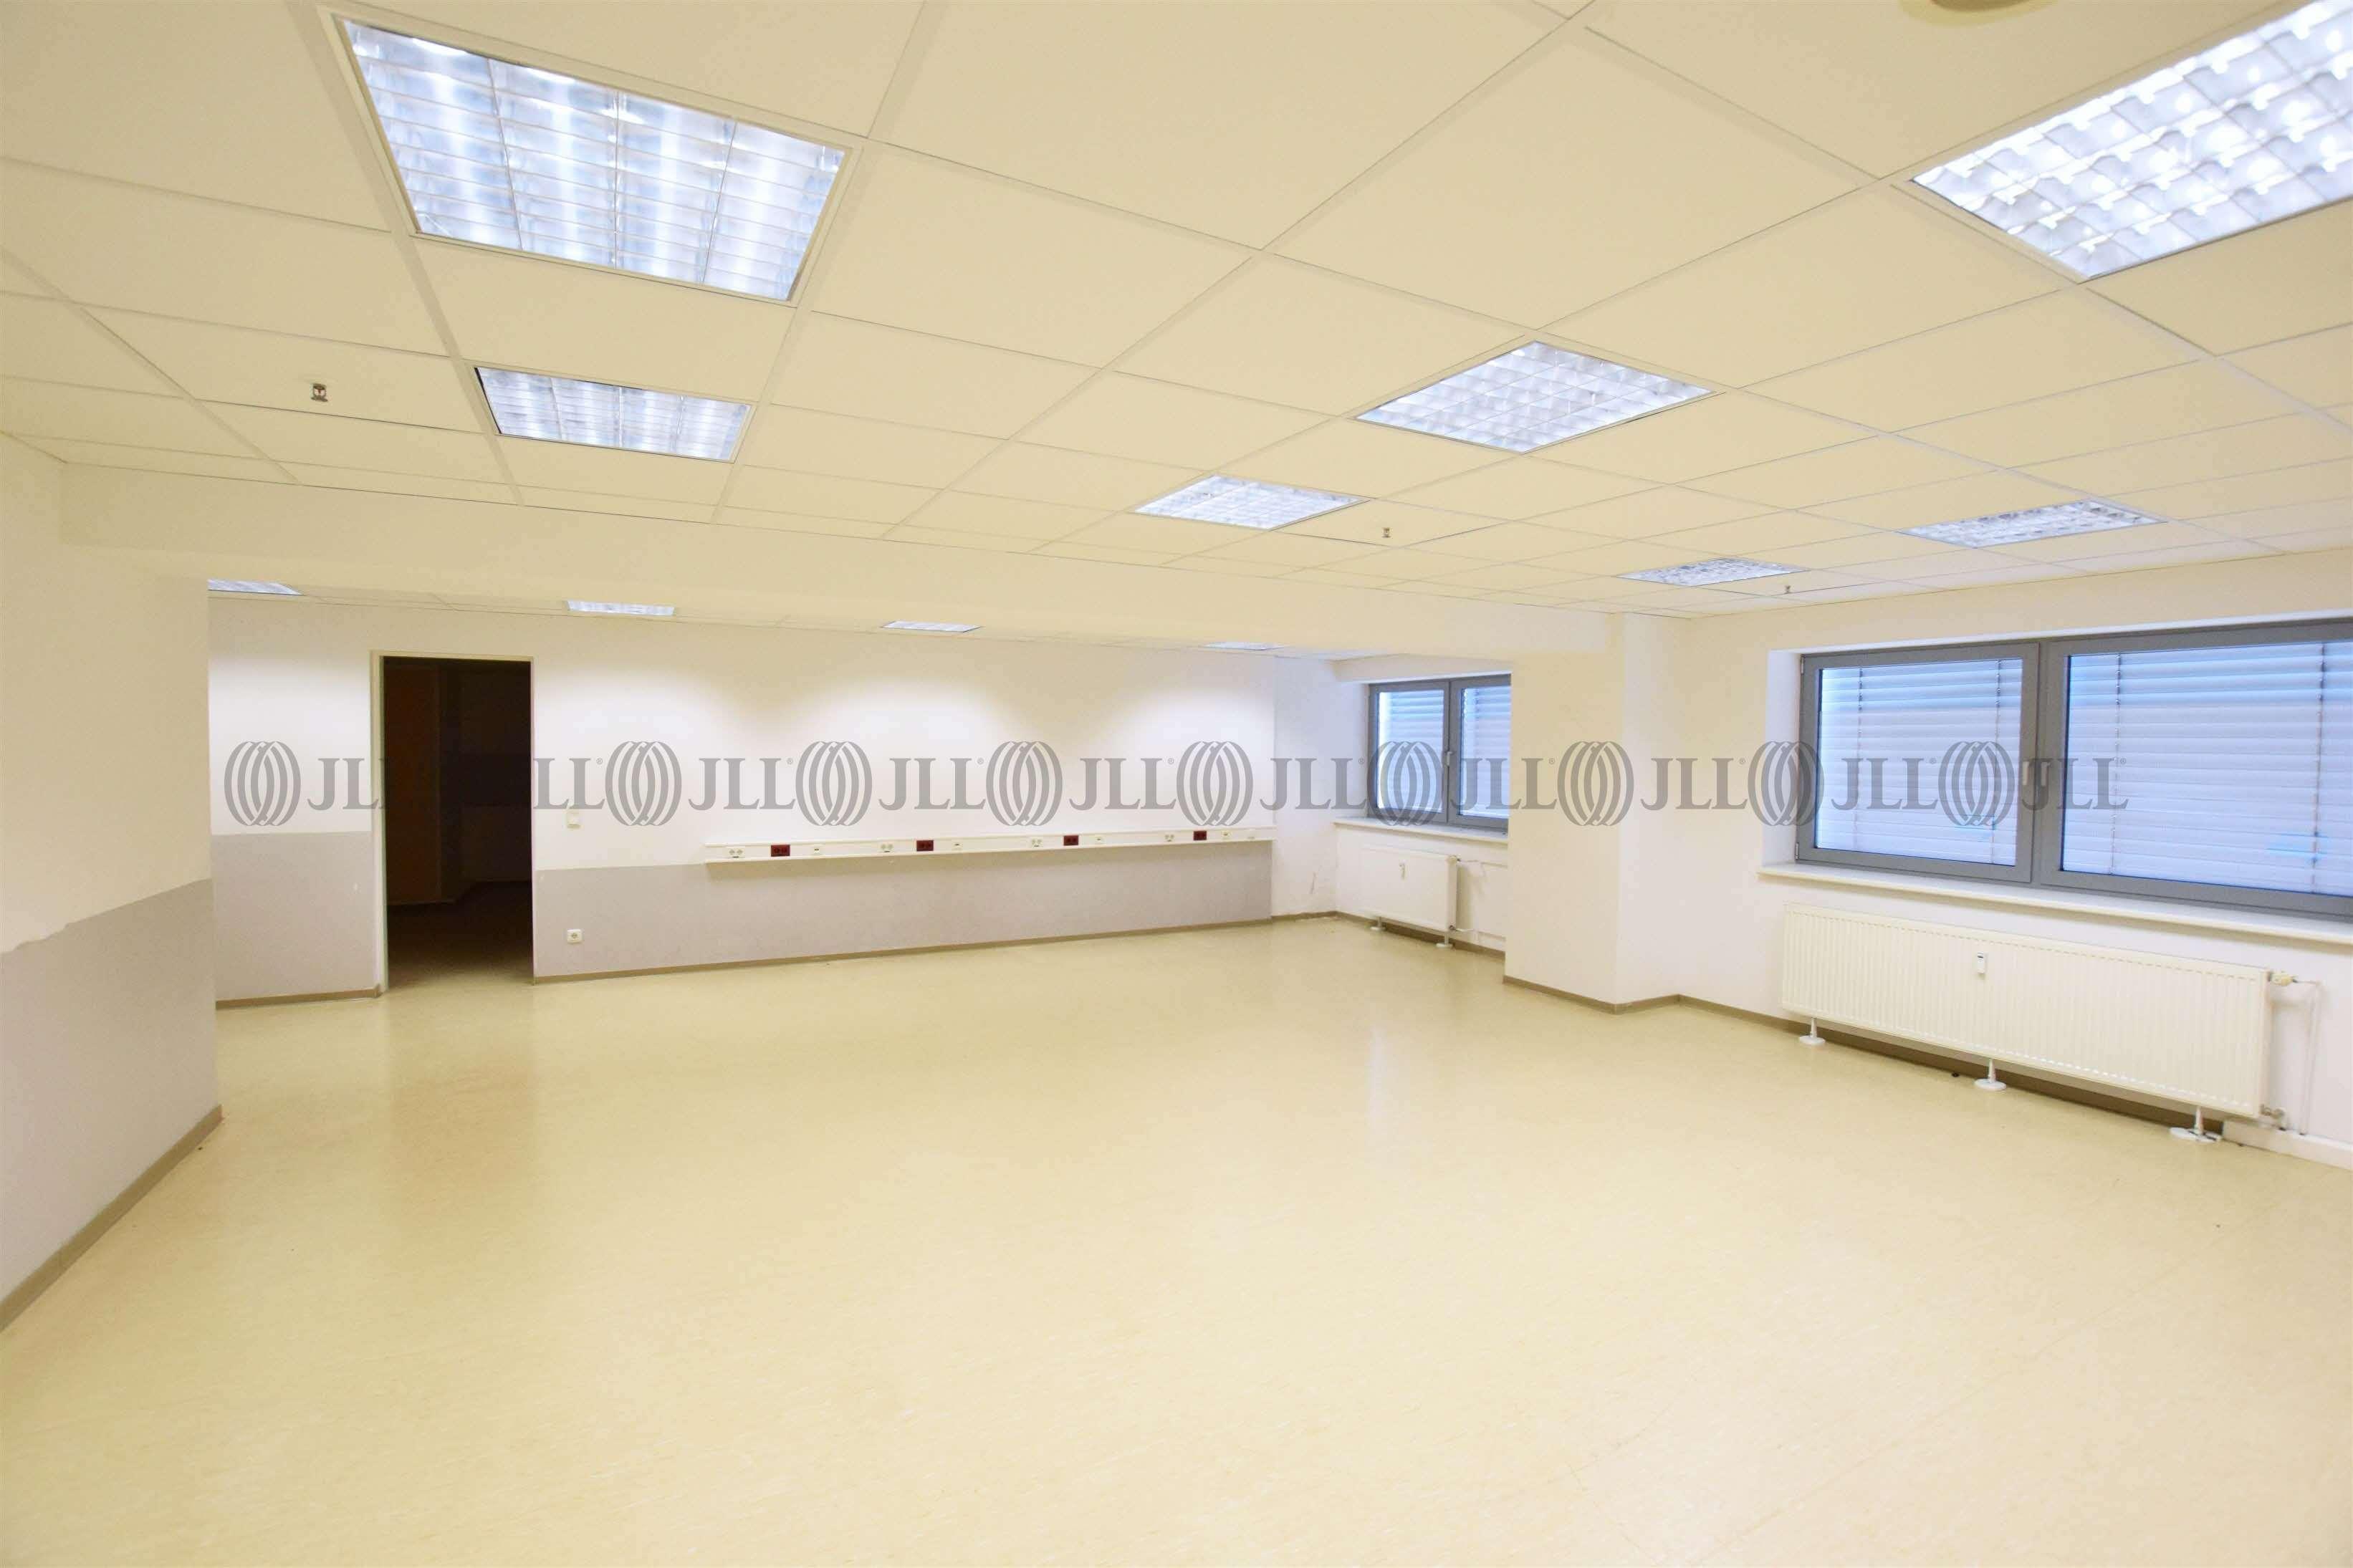 Büros Bochum-wattenscheid, 44866 - Büro - Bochum-Wattenscheid, Wattenscheid - D2270 - 9766021